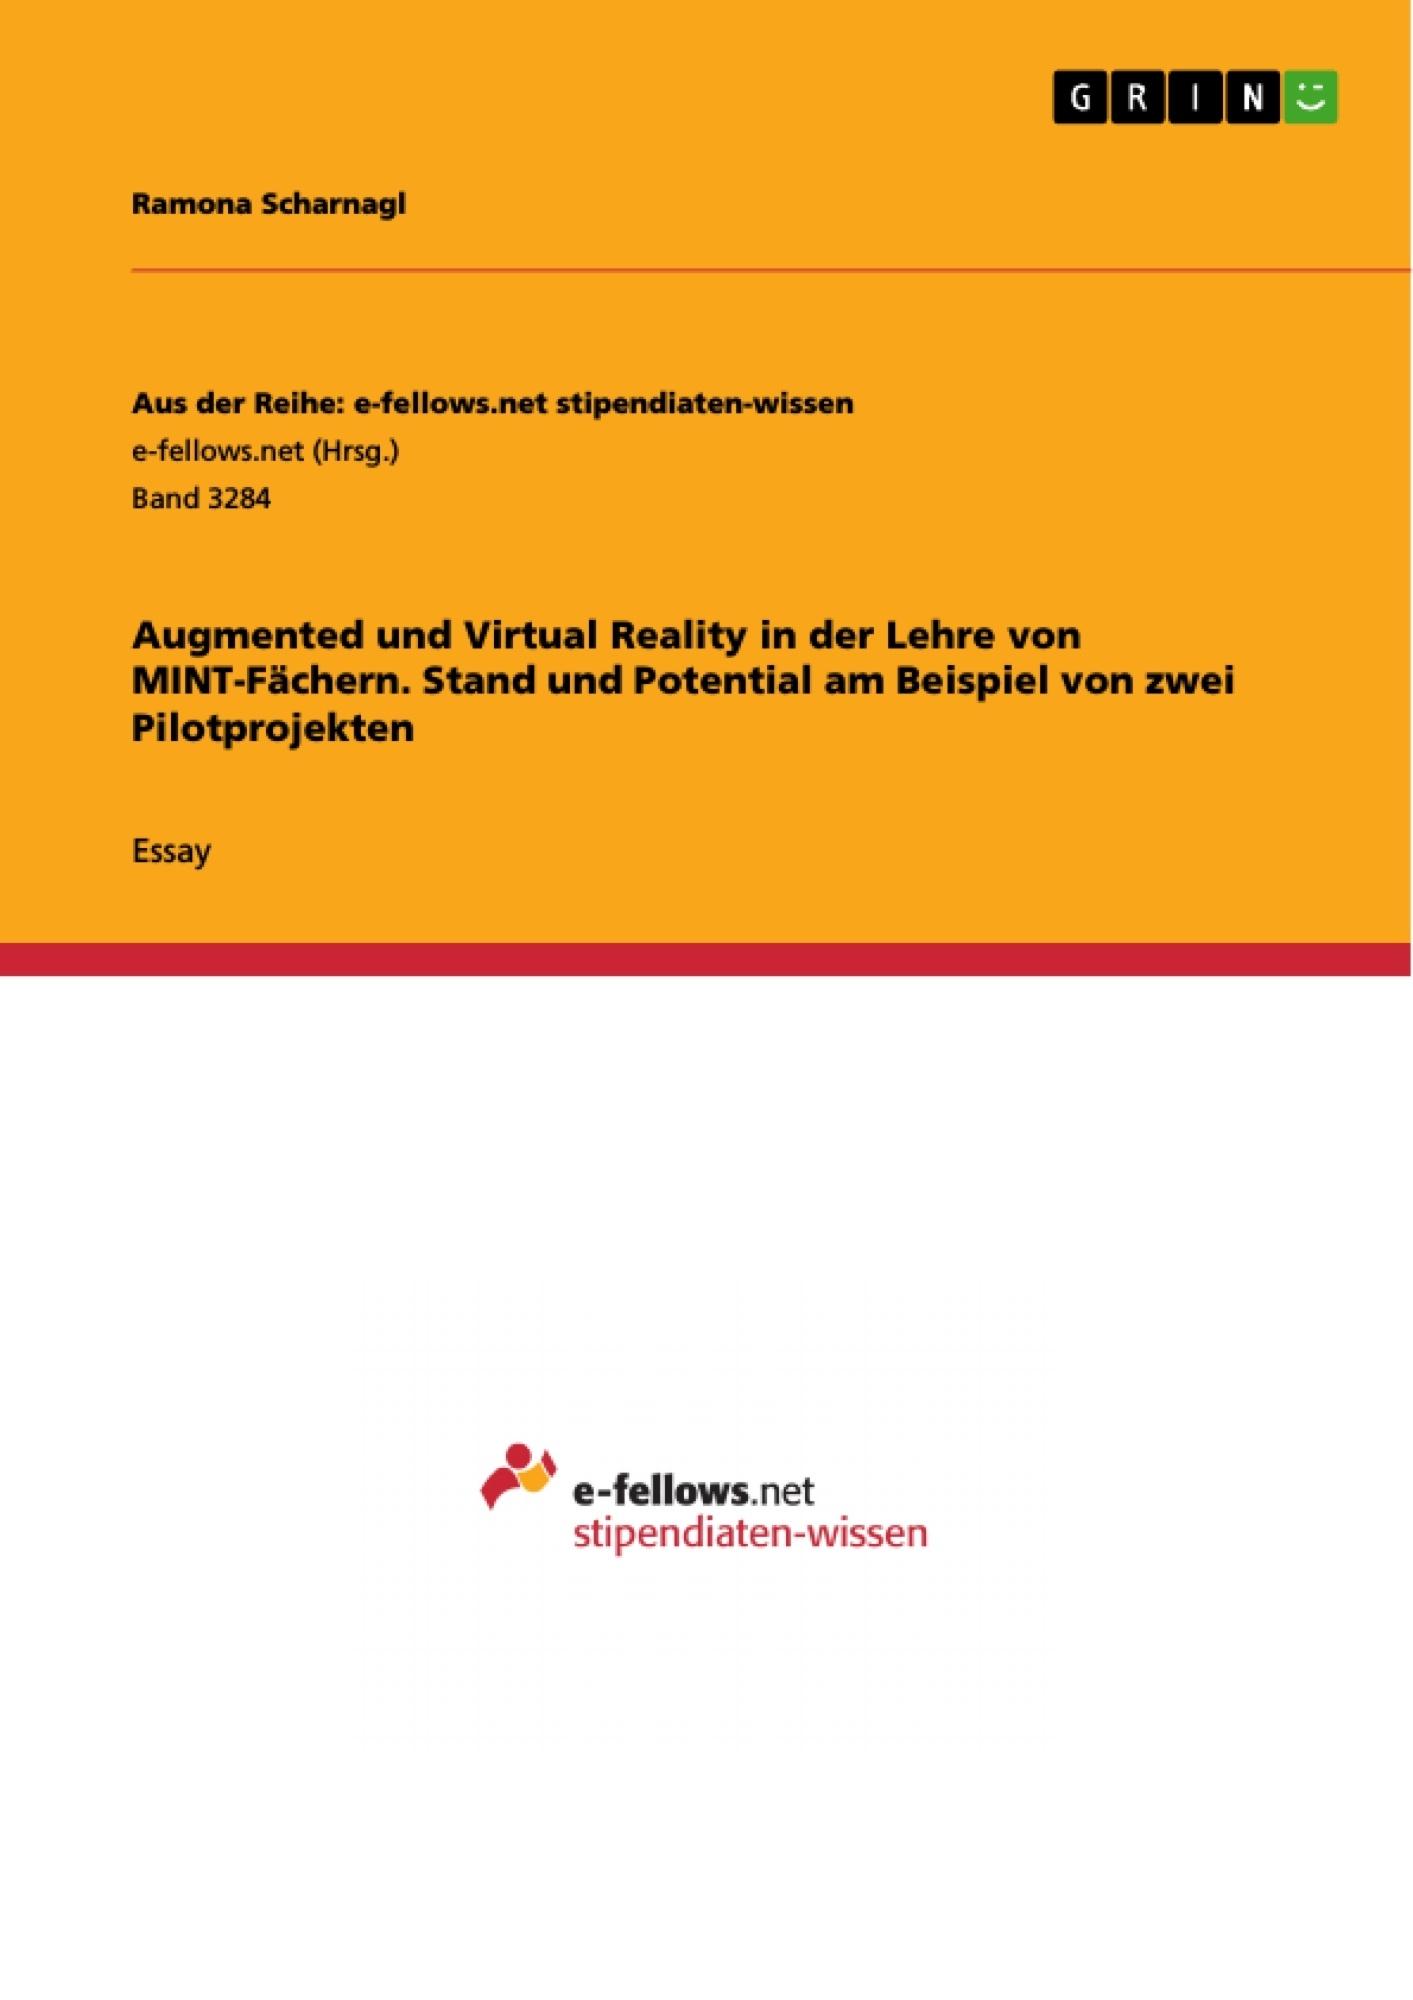 Titel: Augmented und Virtual Reality in der Lehre von MINT-Fächern. Stand und Potential am Beispiel von zwei Pilotprojekten